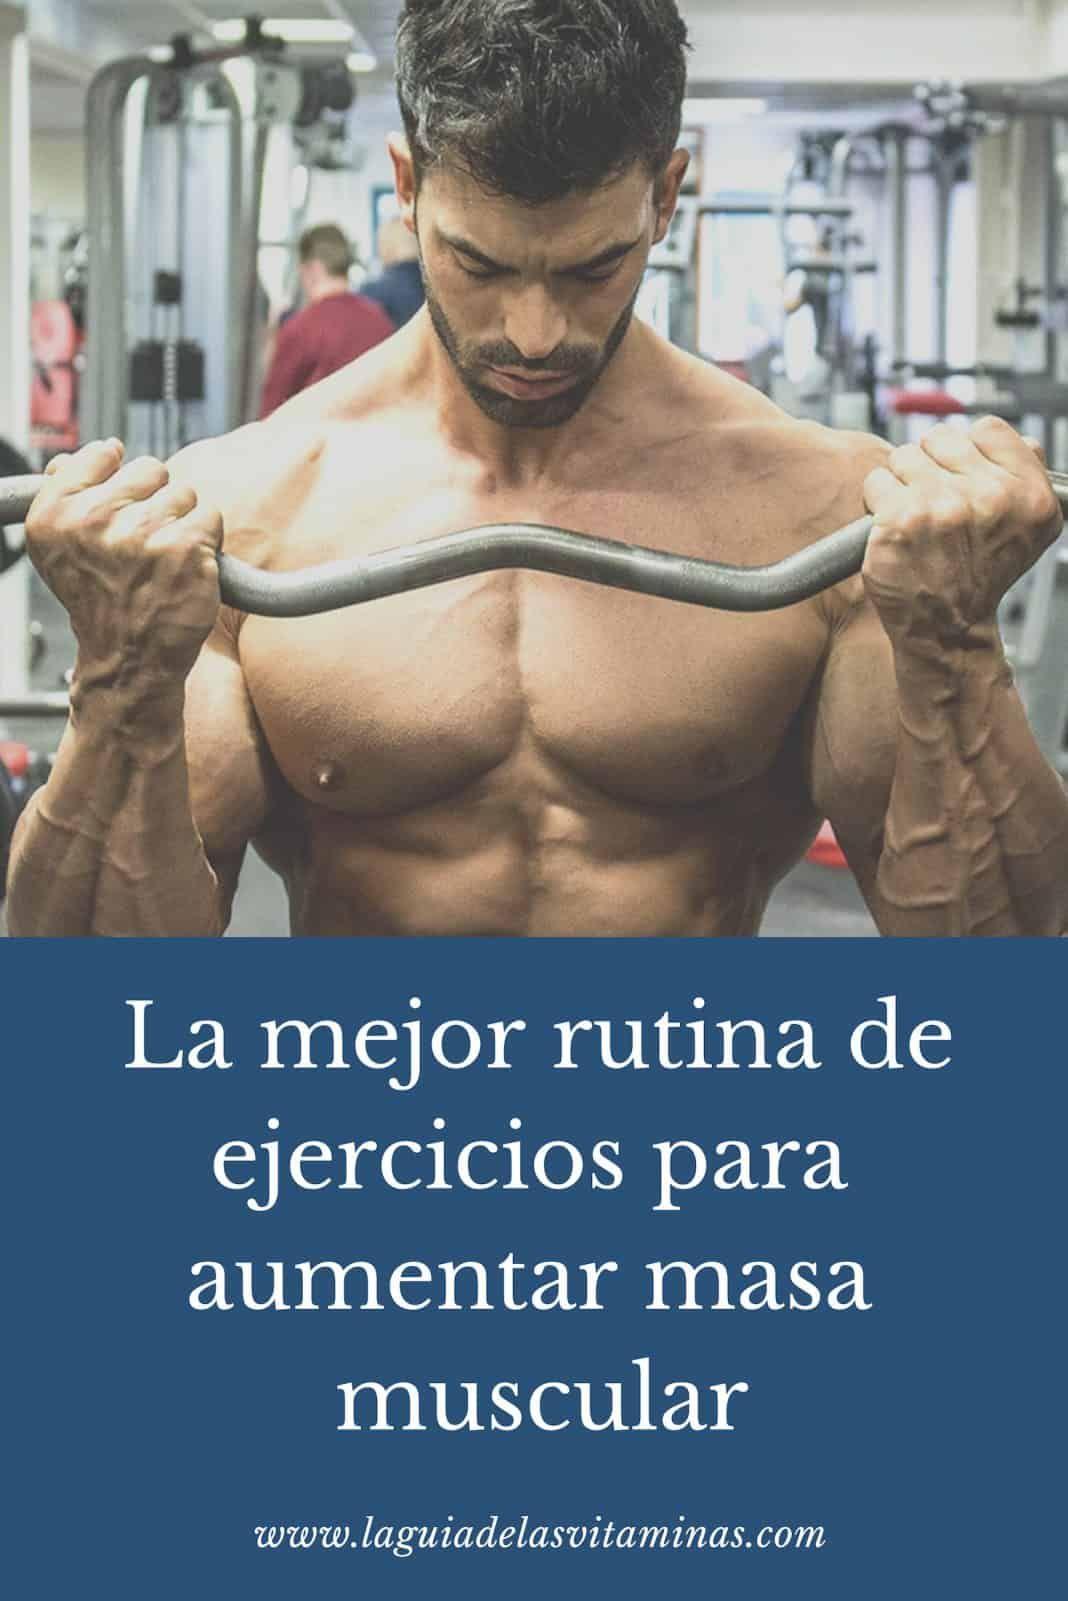 La mejor rutina de ejercicios para aumentar masa muscular